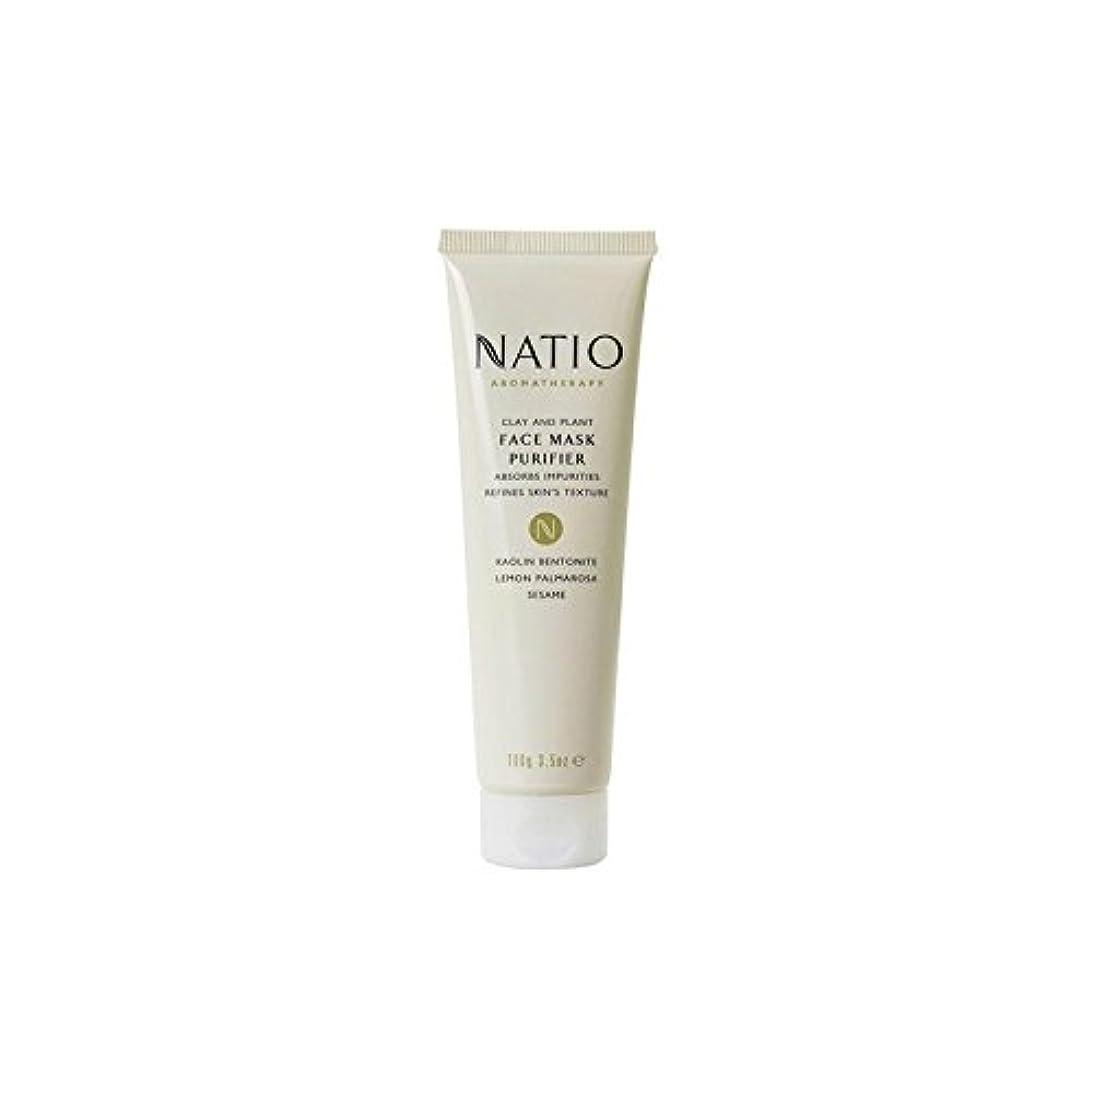 行商人上昇母音Natio Clay & Plant Face Mask Purifier (100G) (Pack of 6) - 粘土&植物フェイスマスクの浄化(100グラム) x6 [並行輸入品]